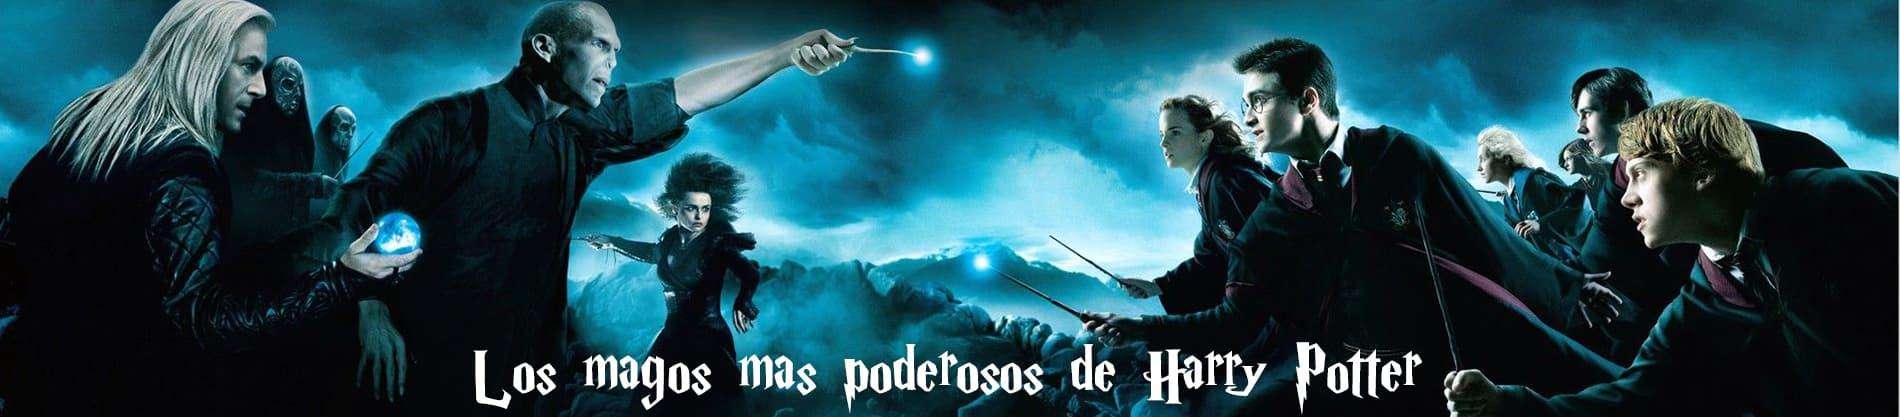 Los 10 magos más poderosos y fuertes de Harry Potter